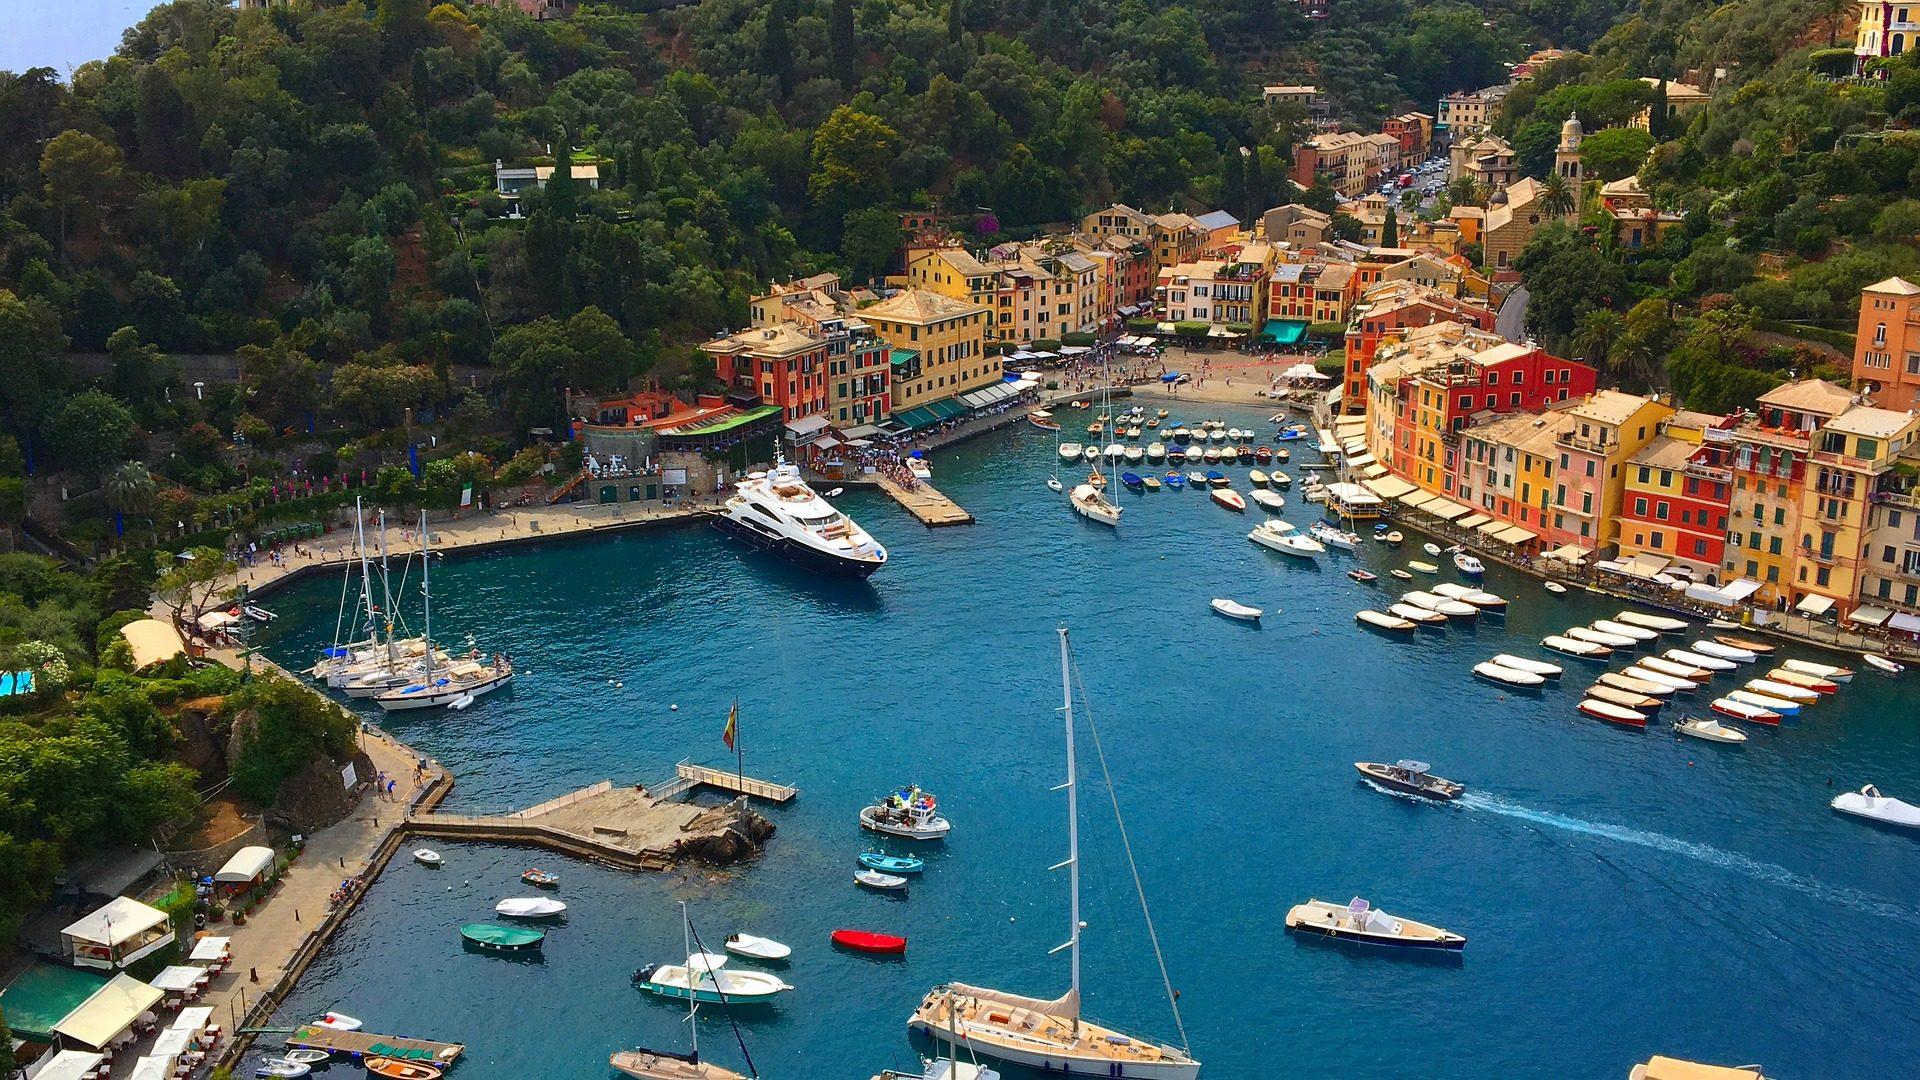 βάρκες, Λιμάνι, Άνοιξη, χωριό, Θάλασσα, δέντρα - Wallpapers HD - Professor-falken.com